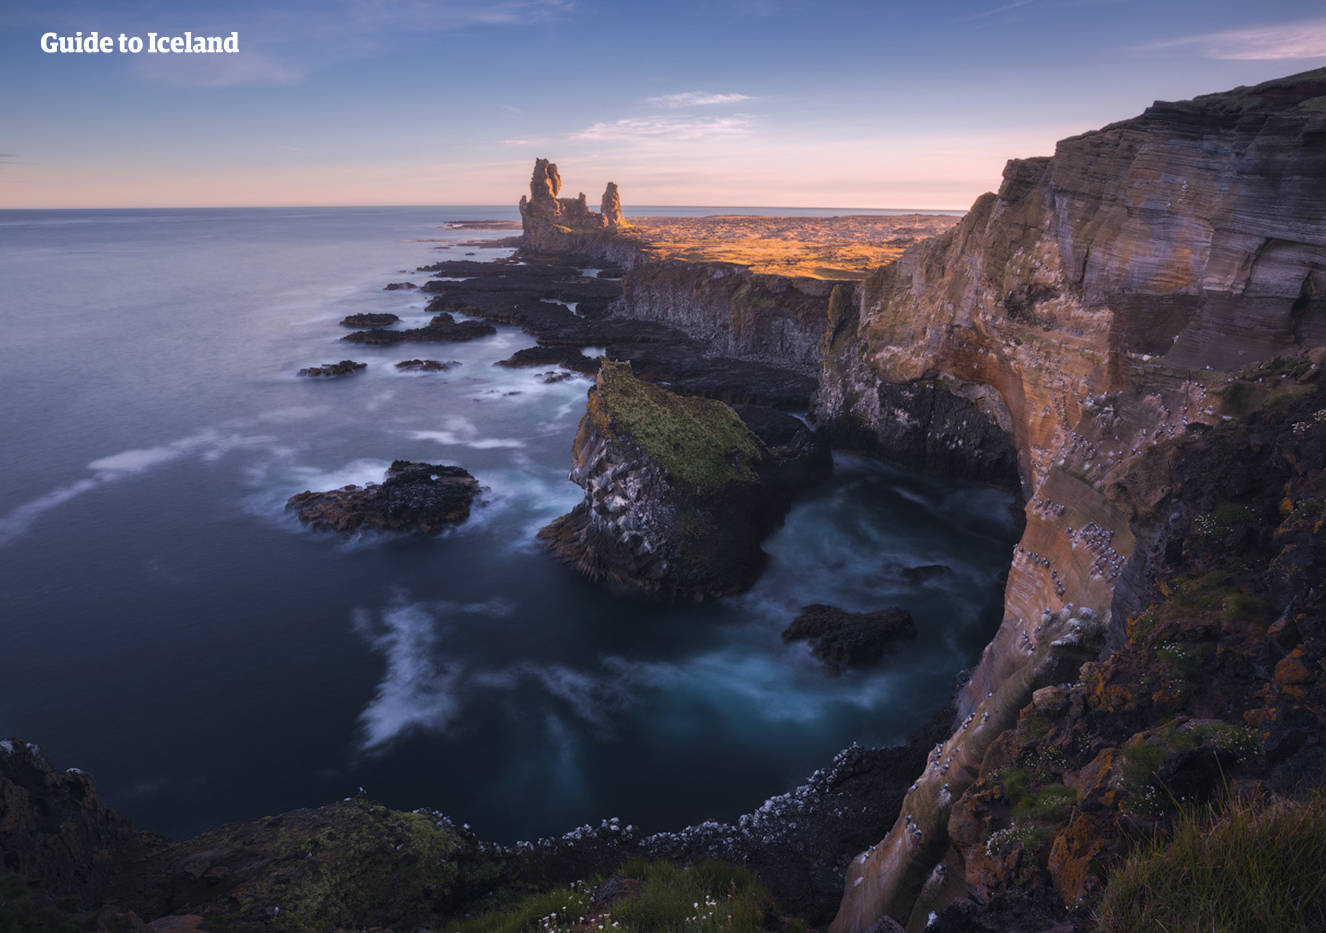 冰岛西部斯奈山半岛的Arnarstapi小镇周围散布着奇诡的熔岩构造